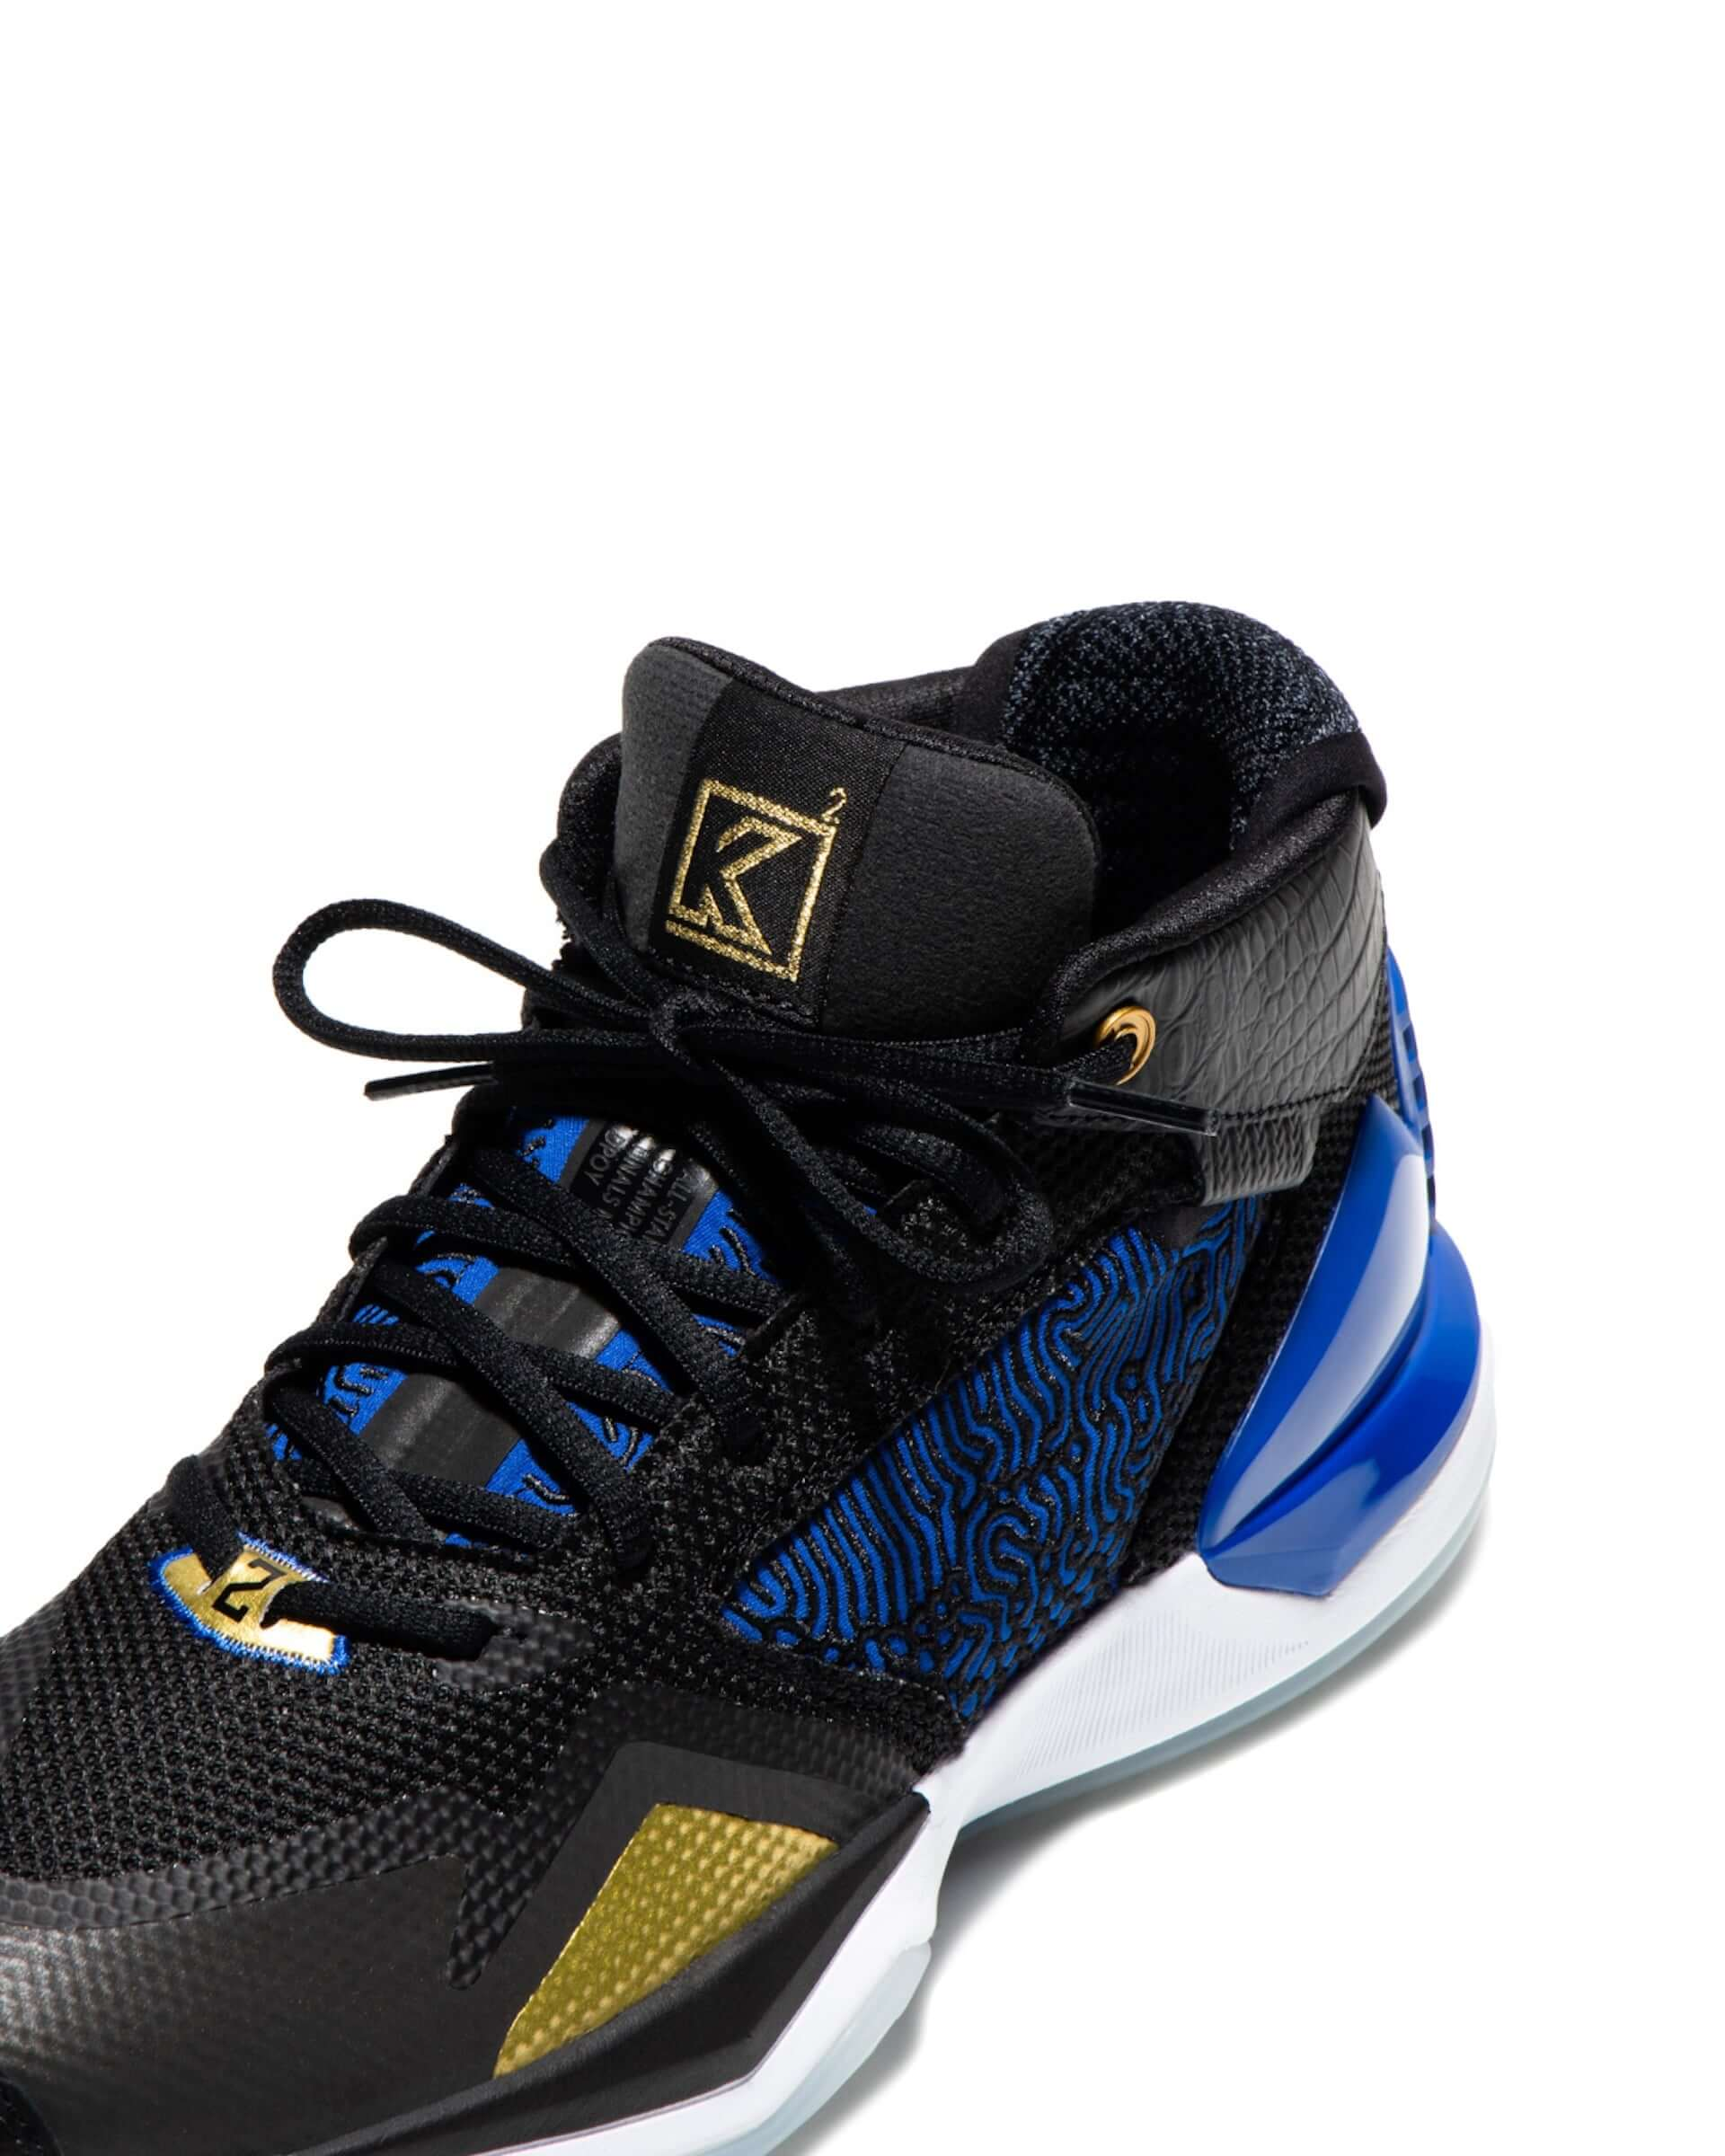 ニューバランスがNBA選手、カワイ・レナードから着想を得たコレクション「THE KAWHI 4 Bounces」を発表!本人着用モデルも登場 lf200818_newbalance_1-1920x2400